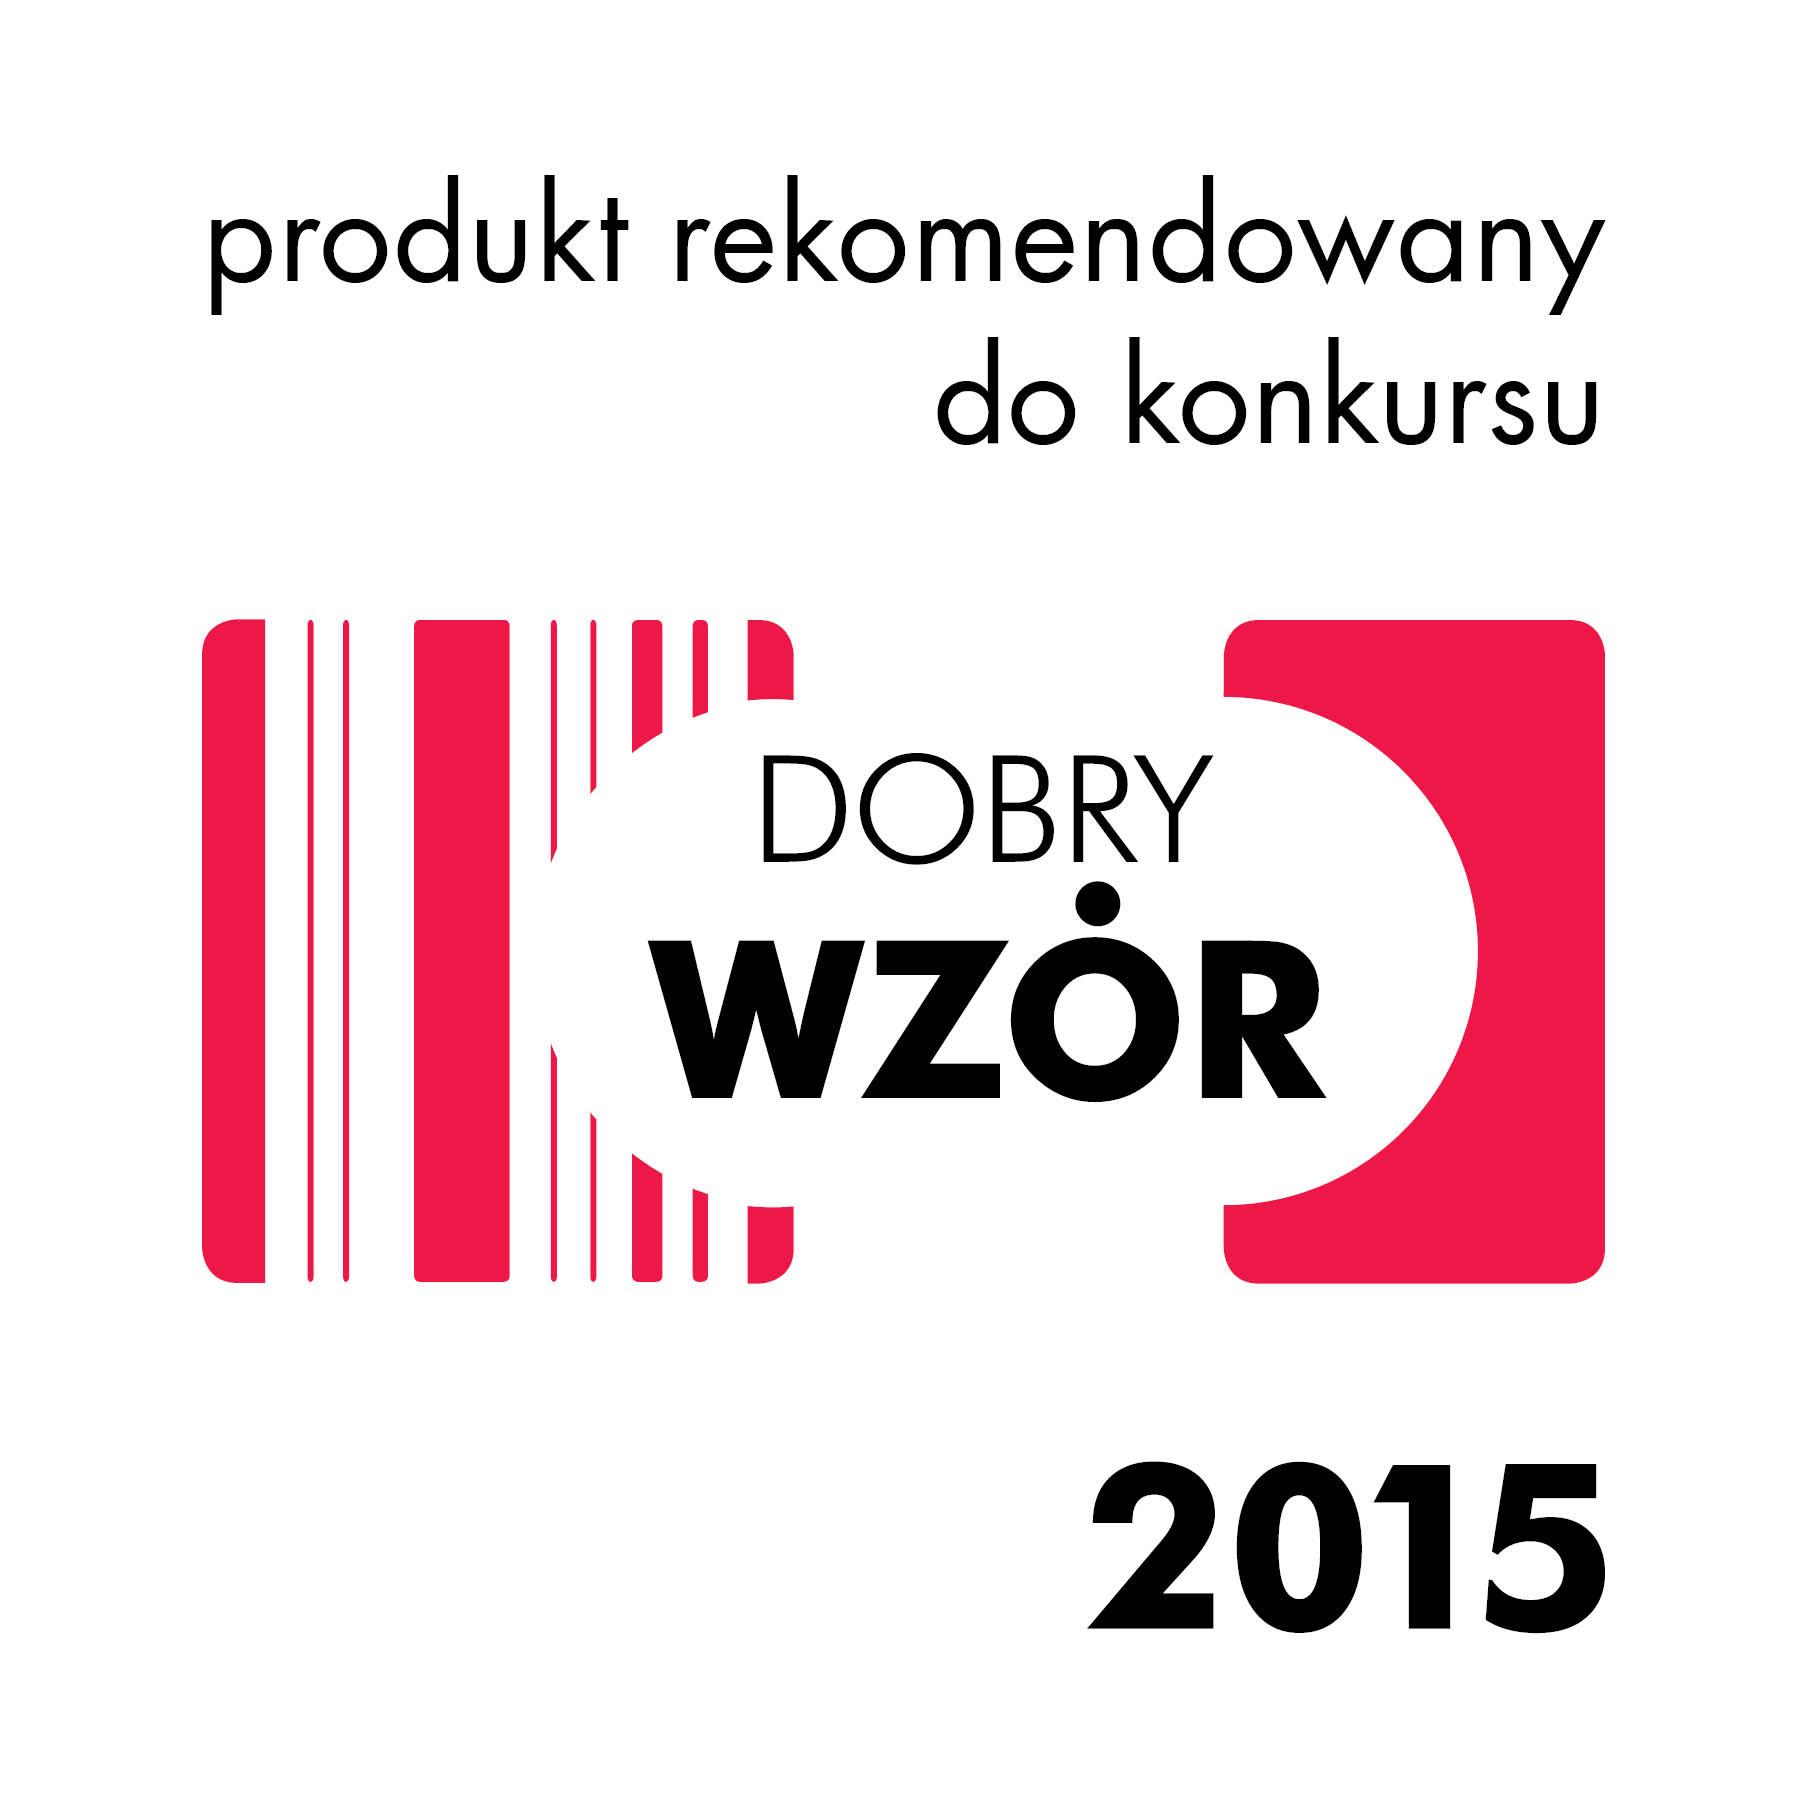 Produkt rekomendowany do konkursu DOBRY WZÓR 2015